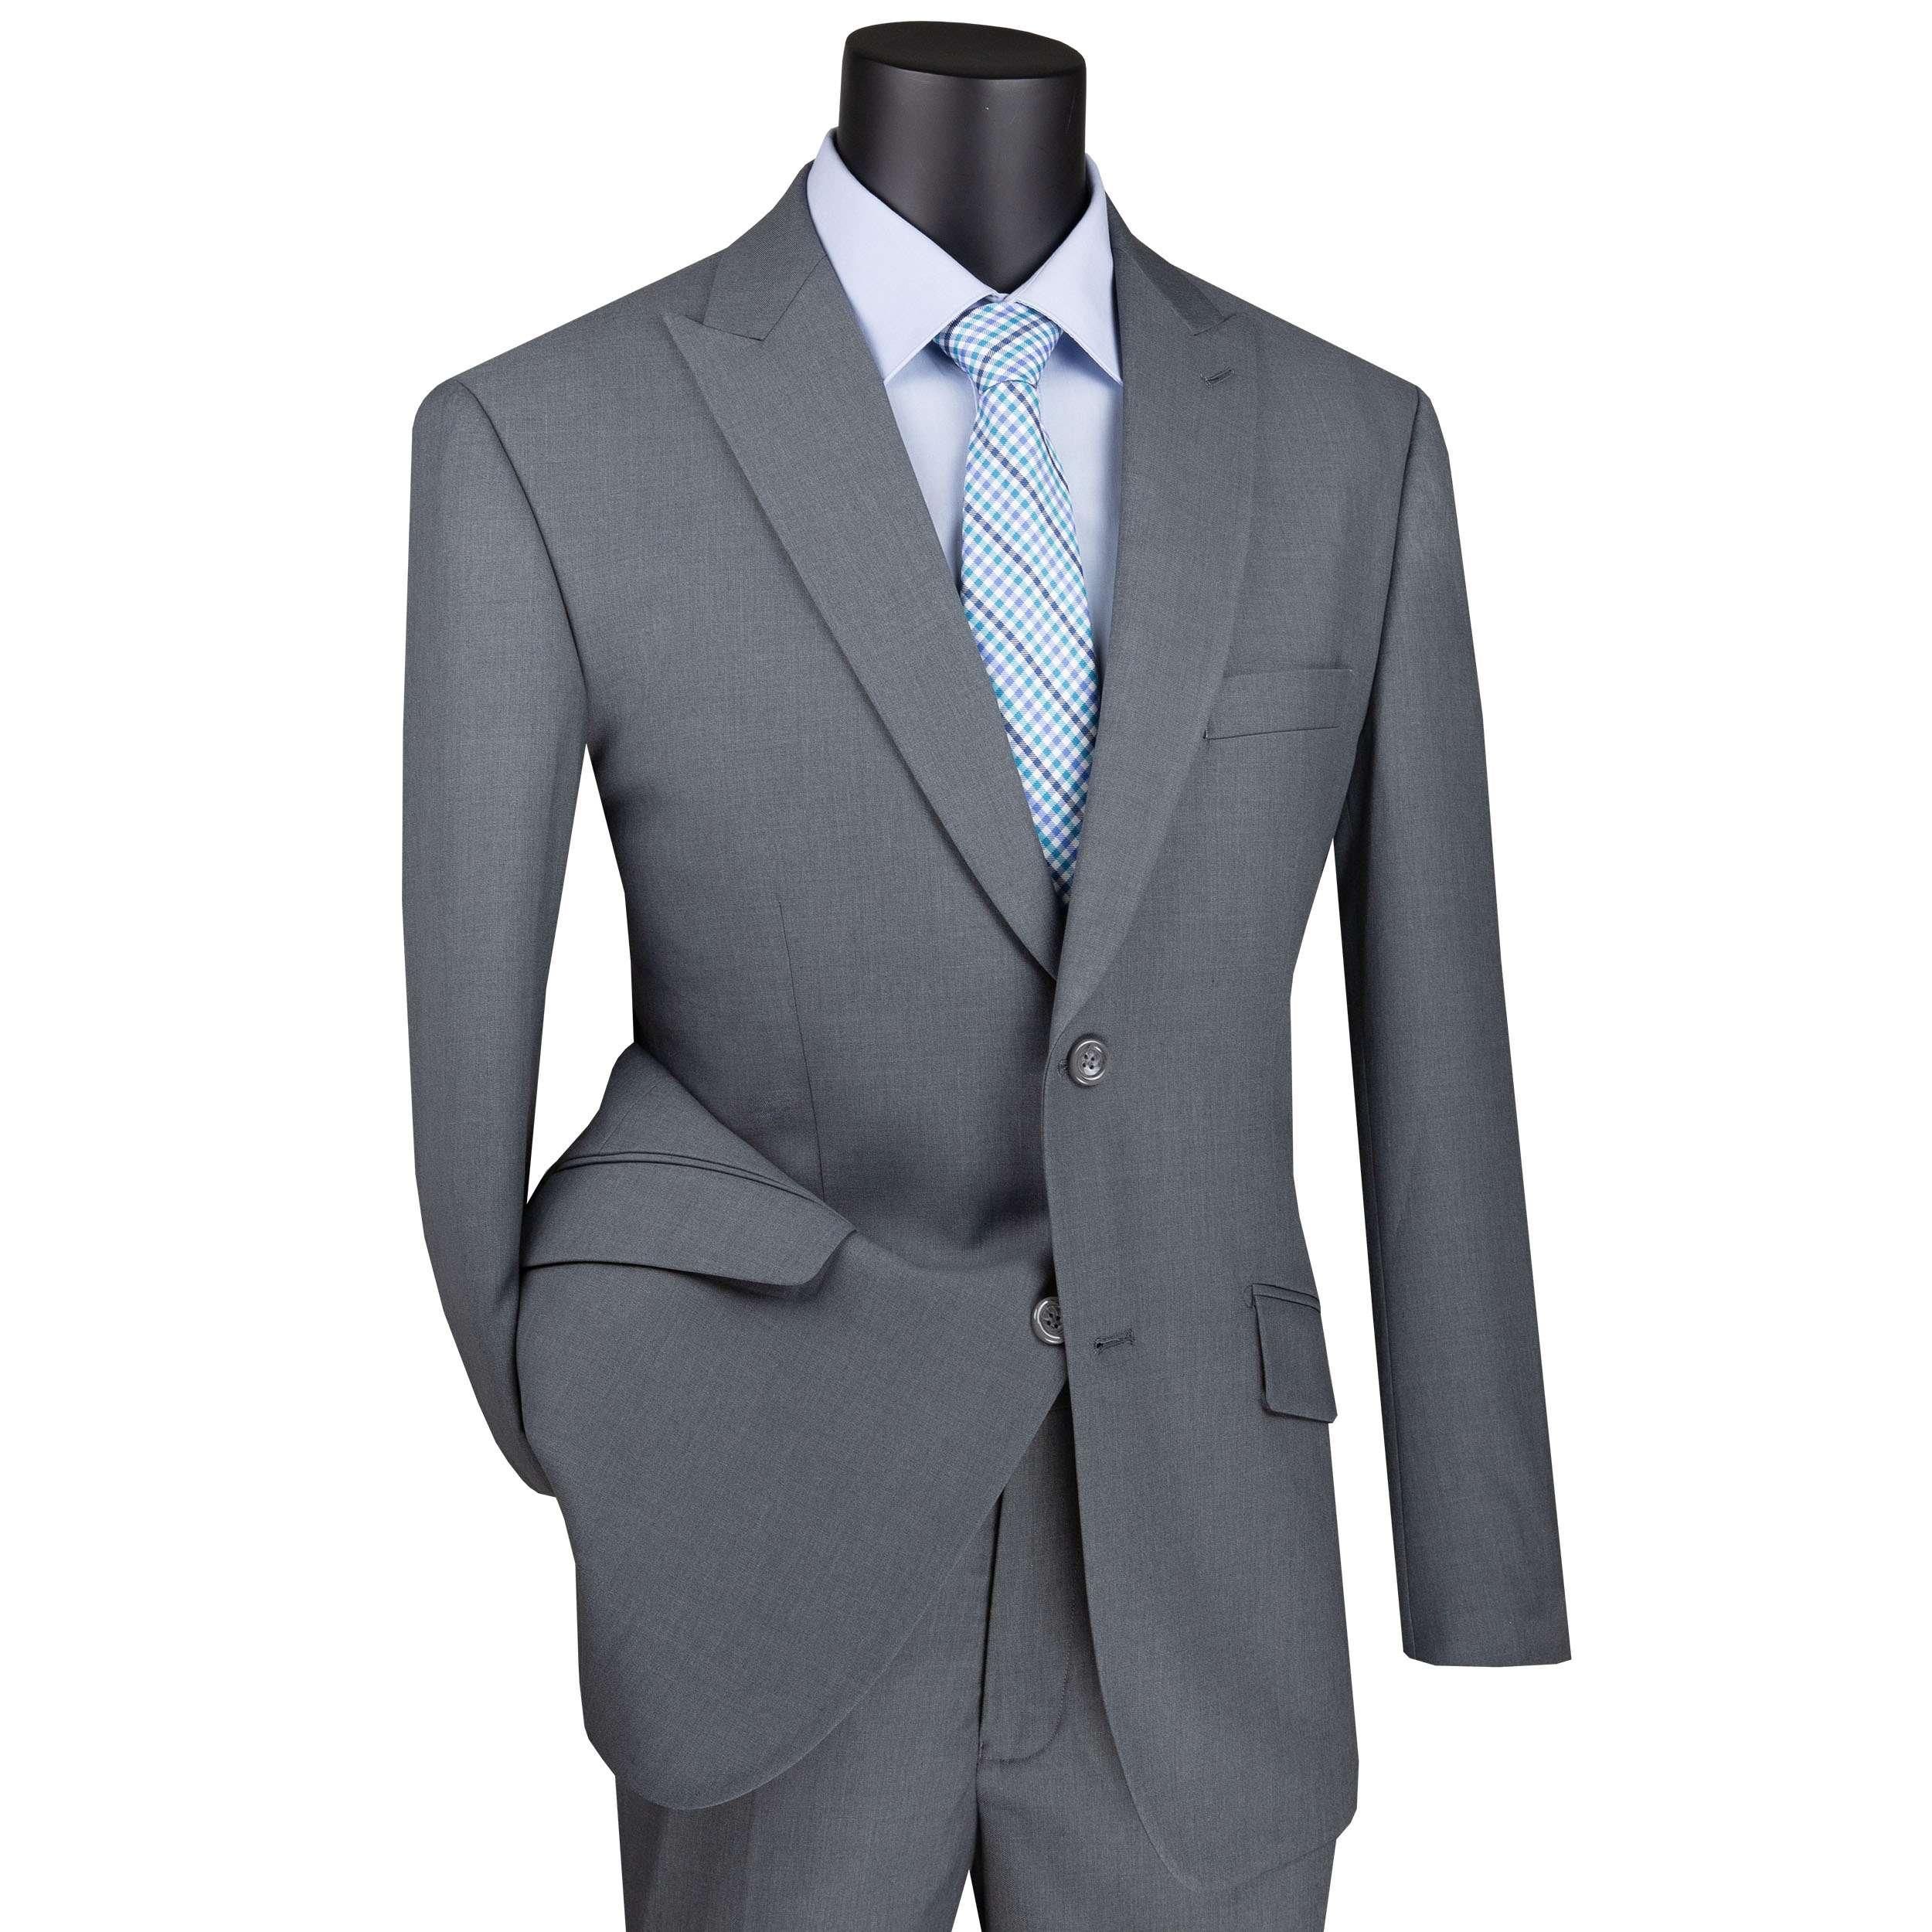 VINCI Men/'s Blue Textured Solid 2 Button Classic Fit Business Suit NEW